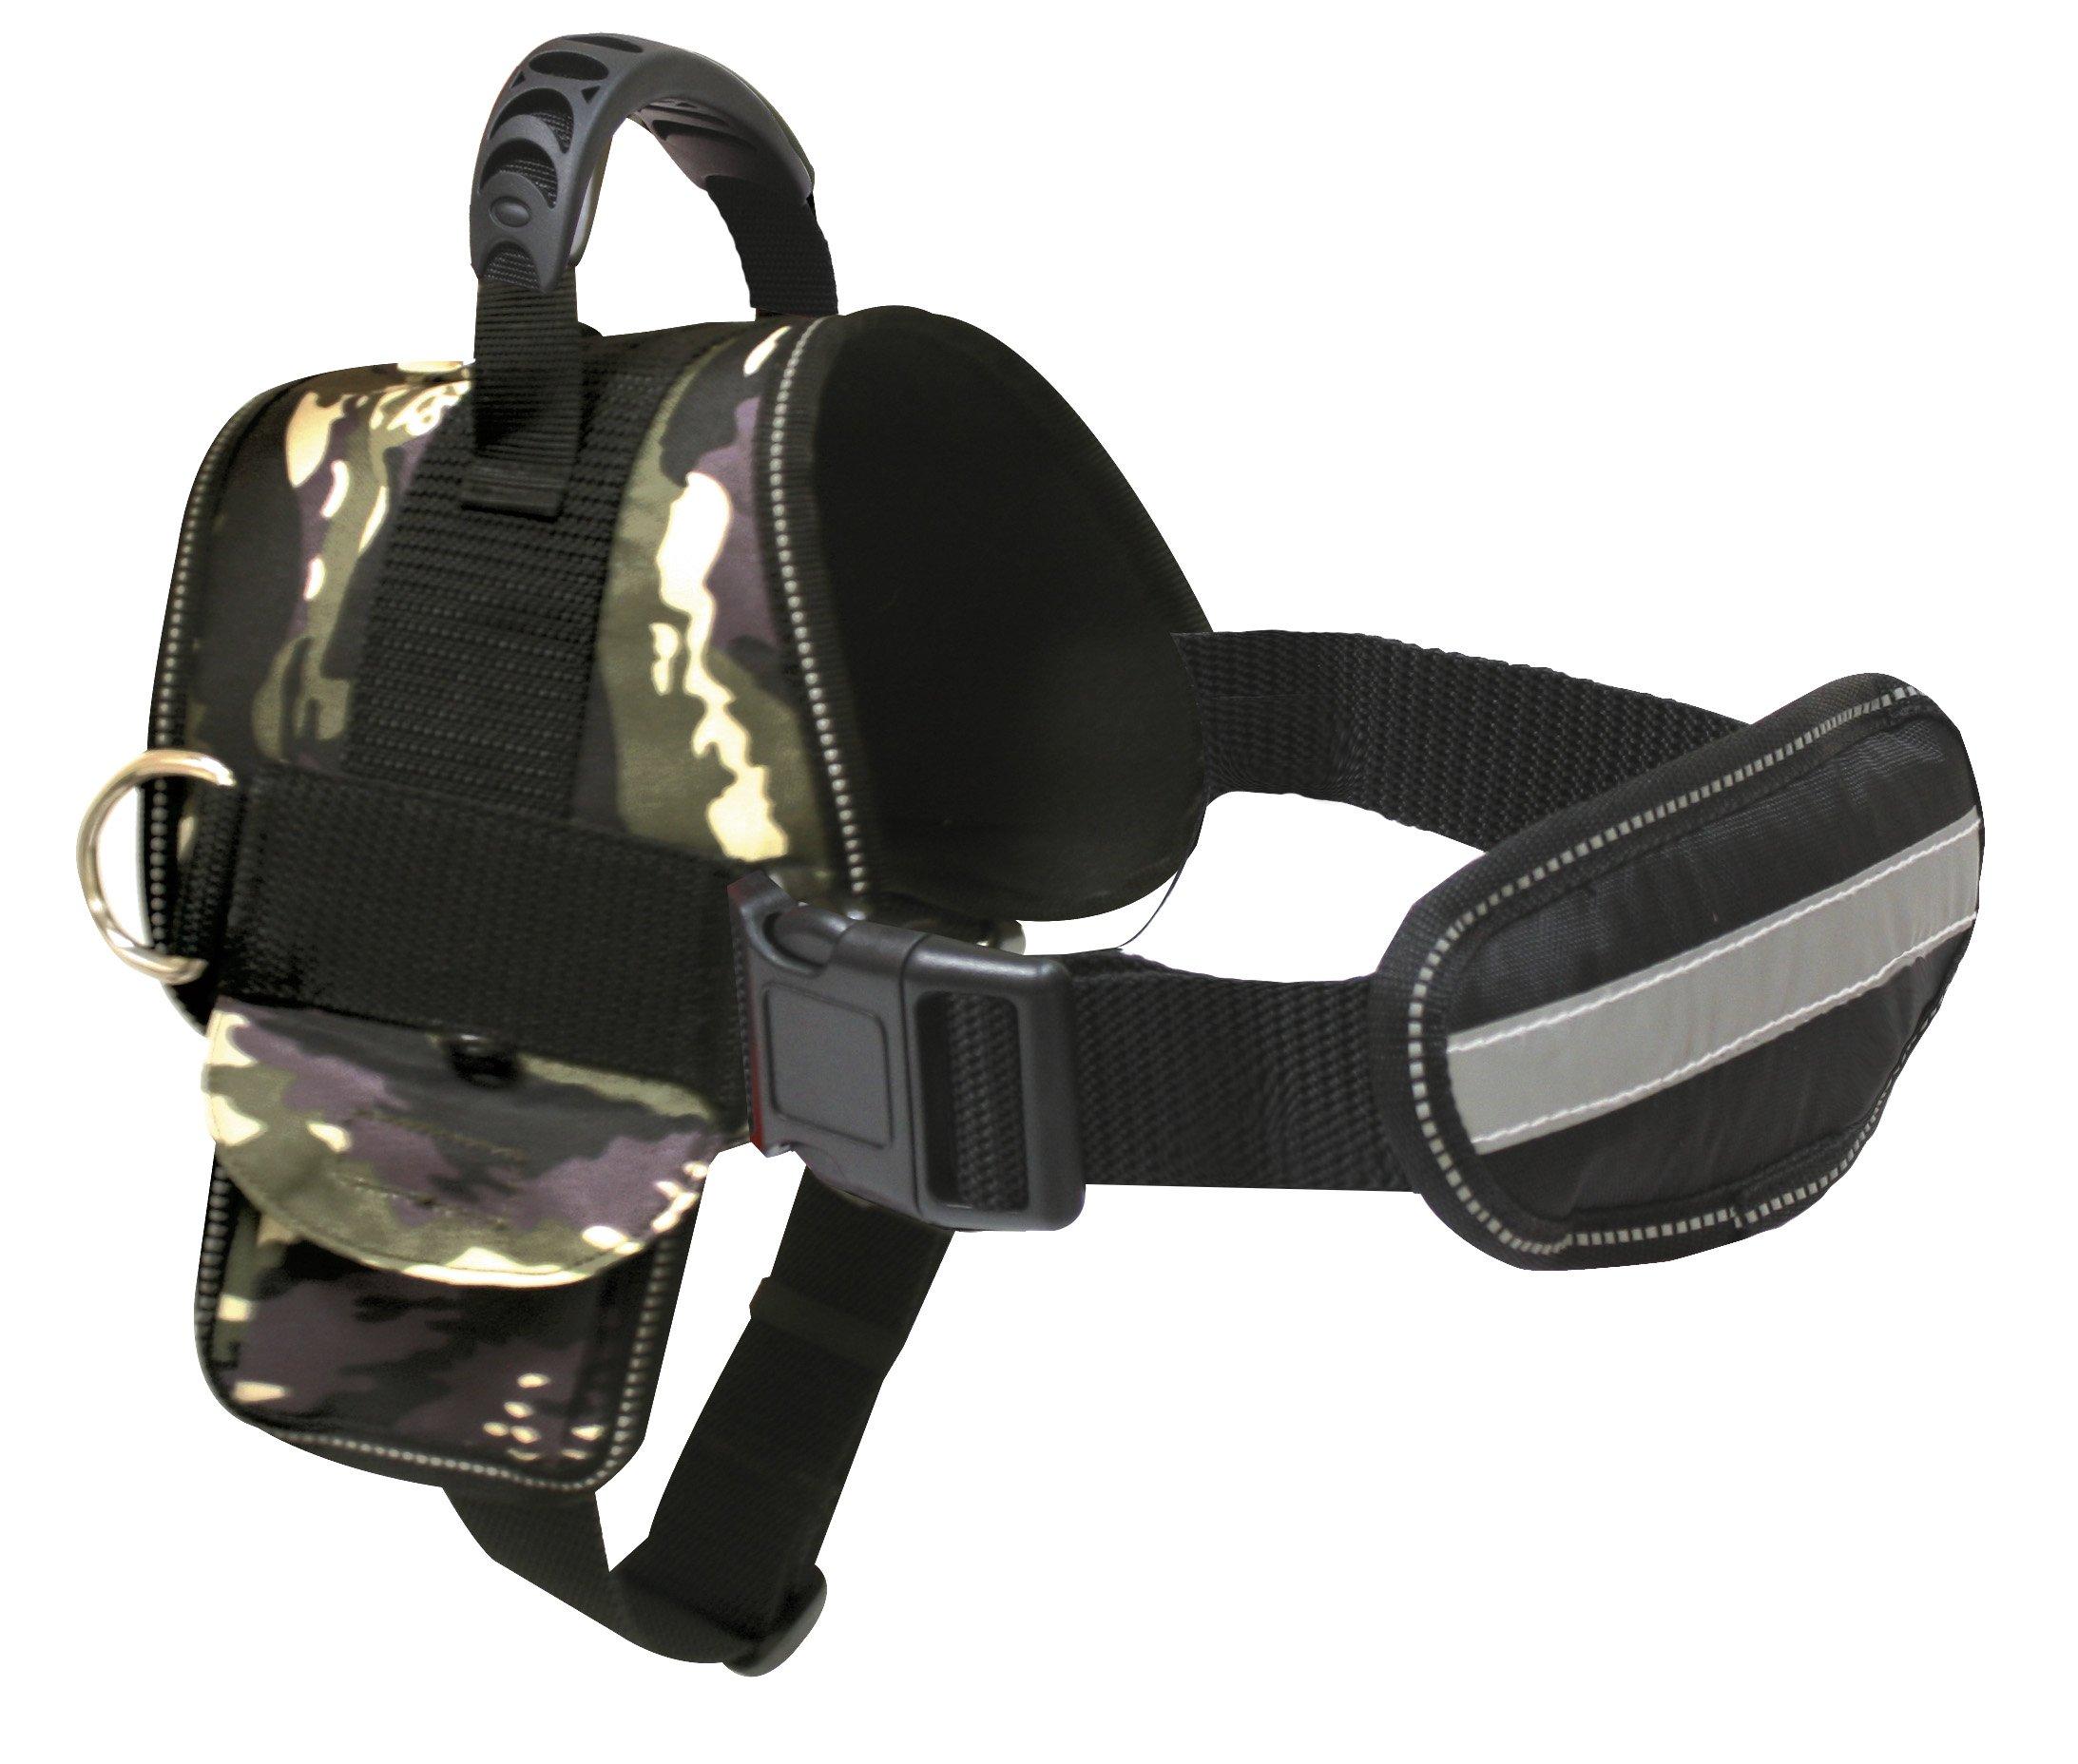 CROCI Hiking Swat Harness, 41-52 cm by CROCI (Image #1)